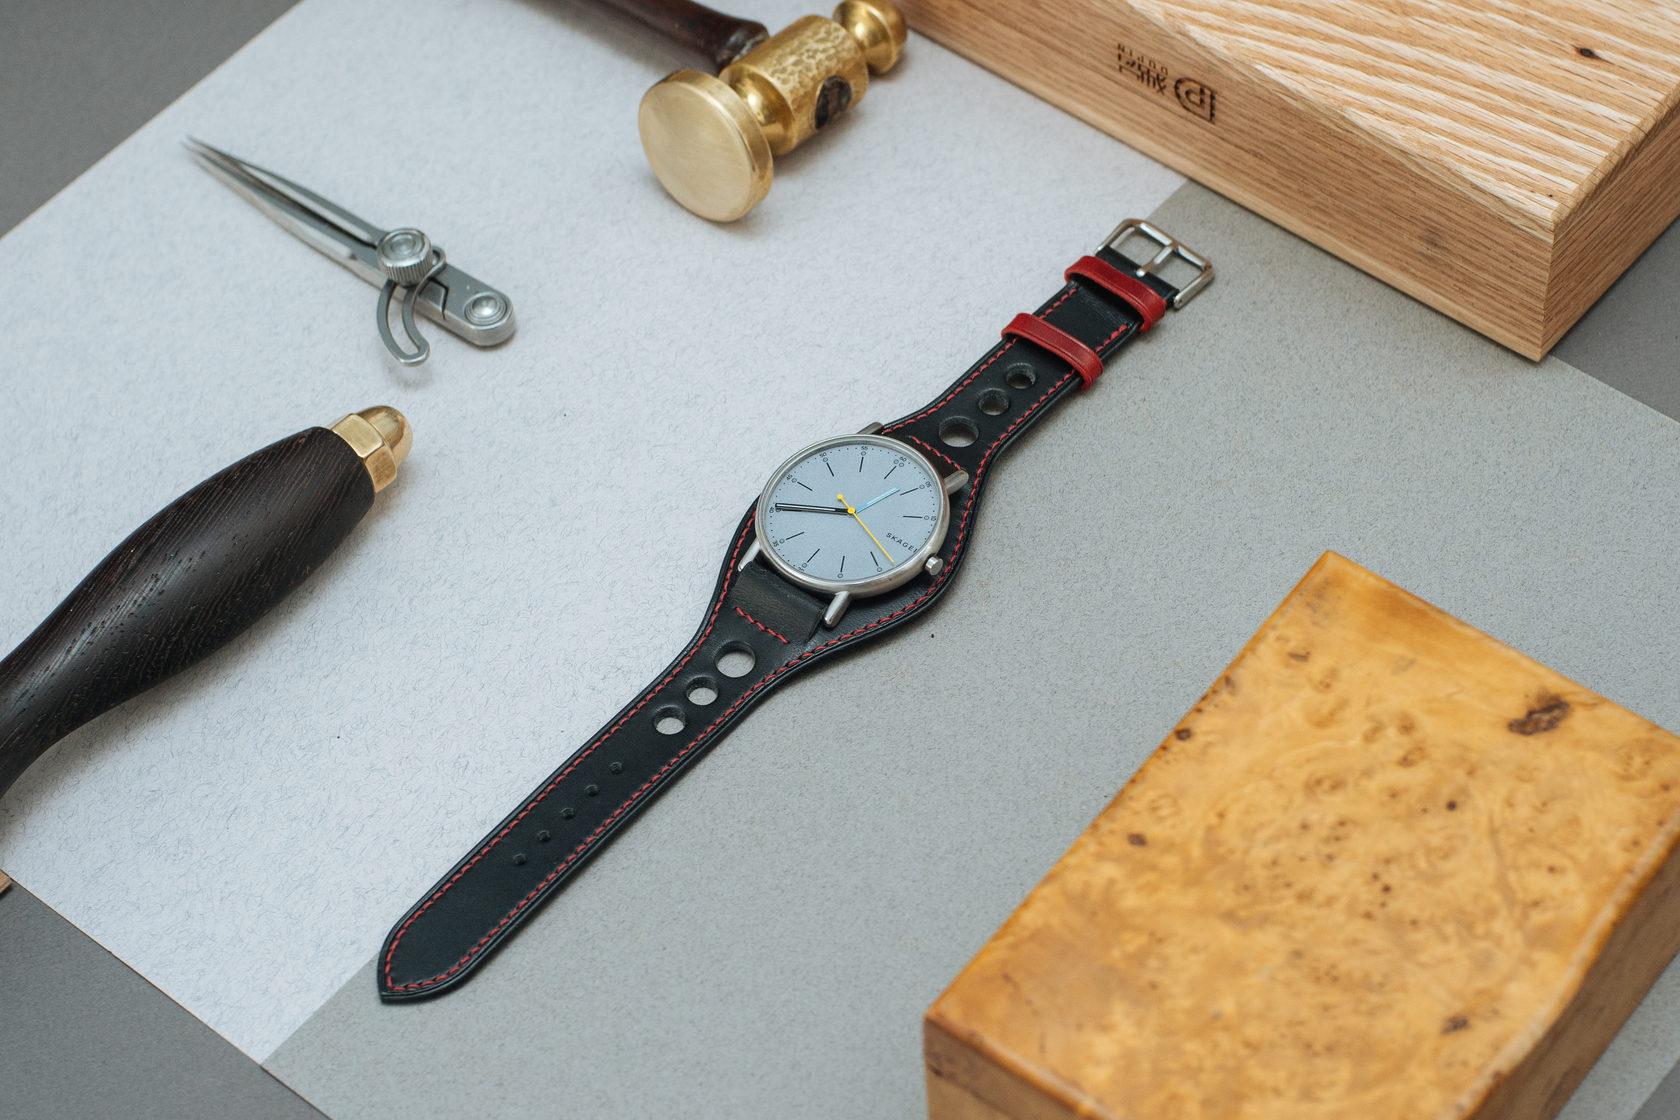 Ремешок для часов в стиле Ралли из кожи на заказ